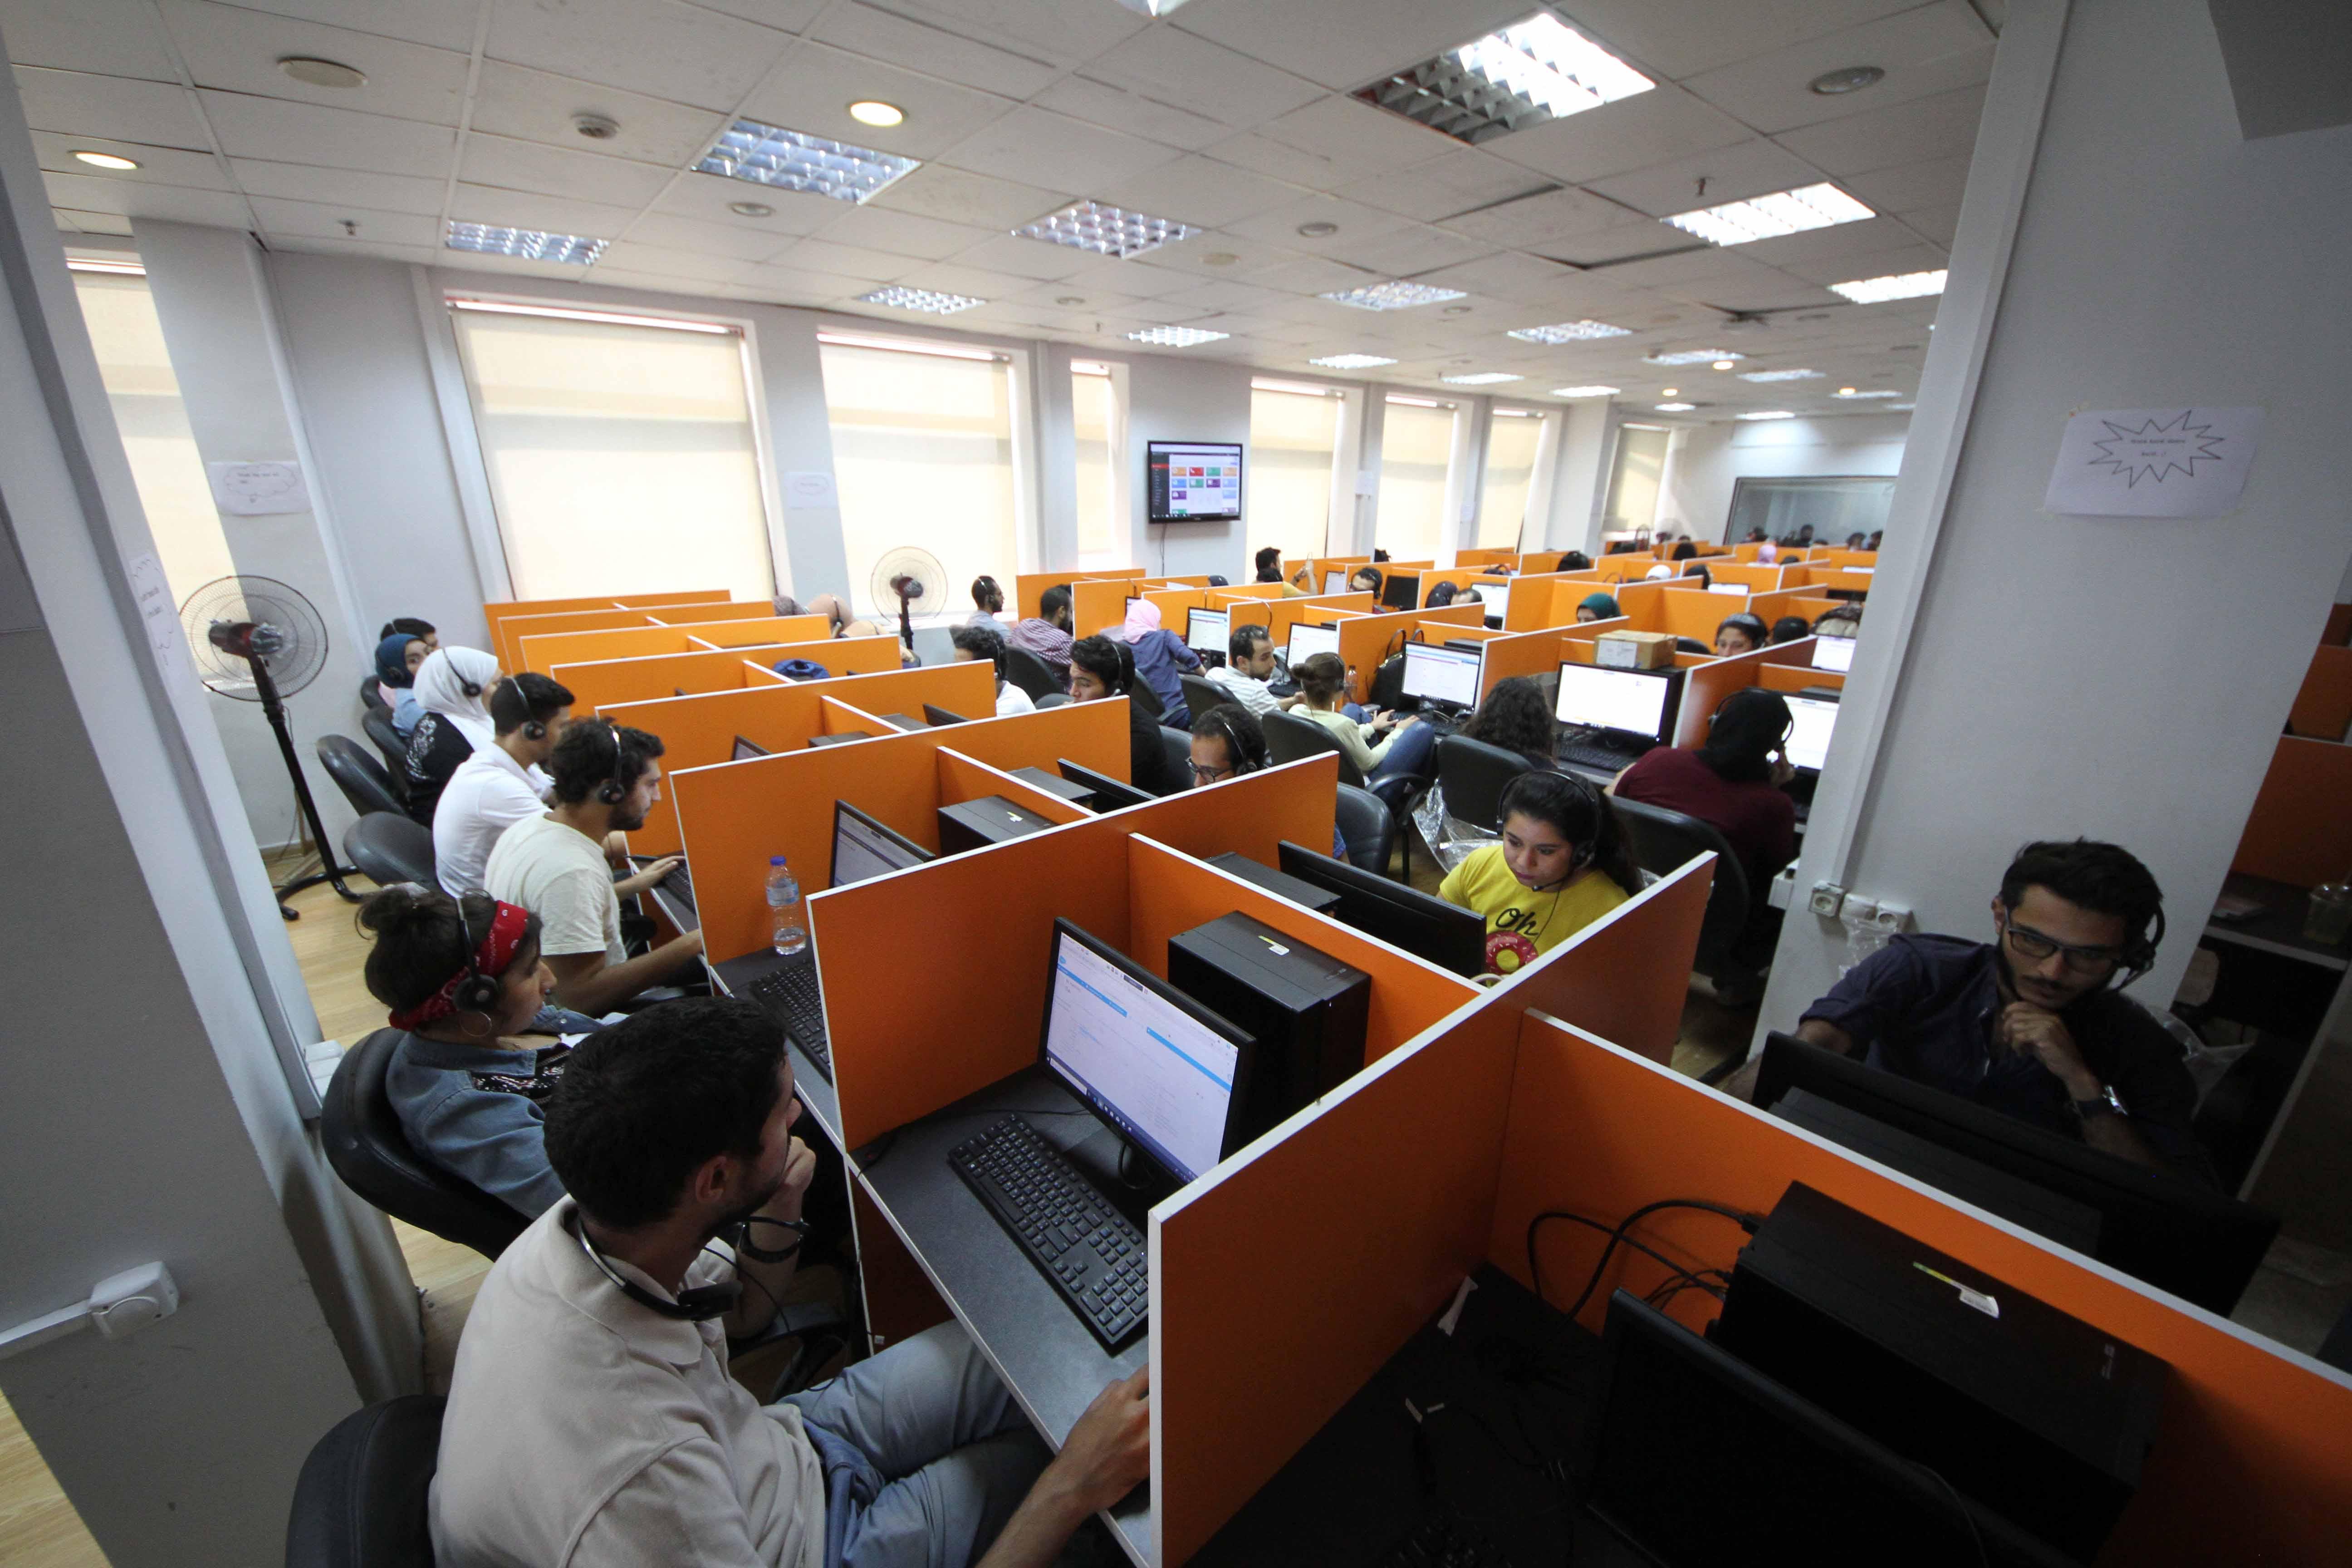 خدمات عملاء جوميا تجاوب على كافة العملاء